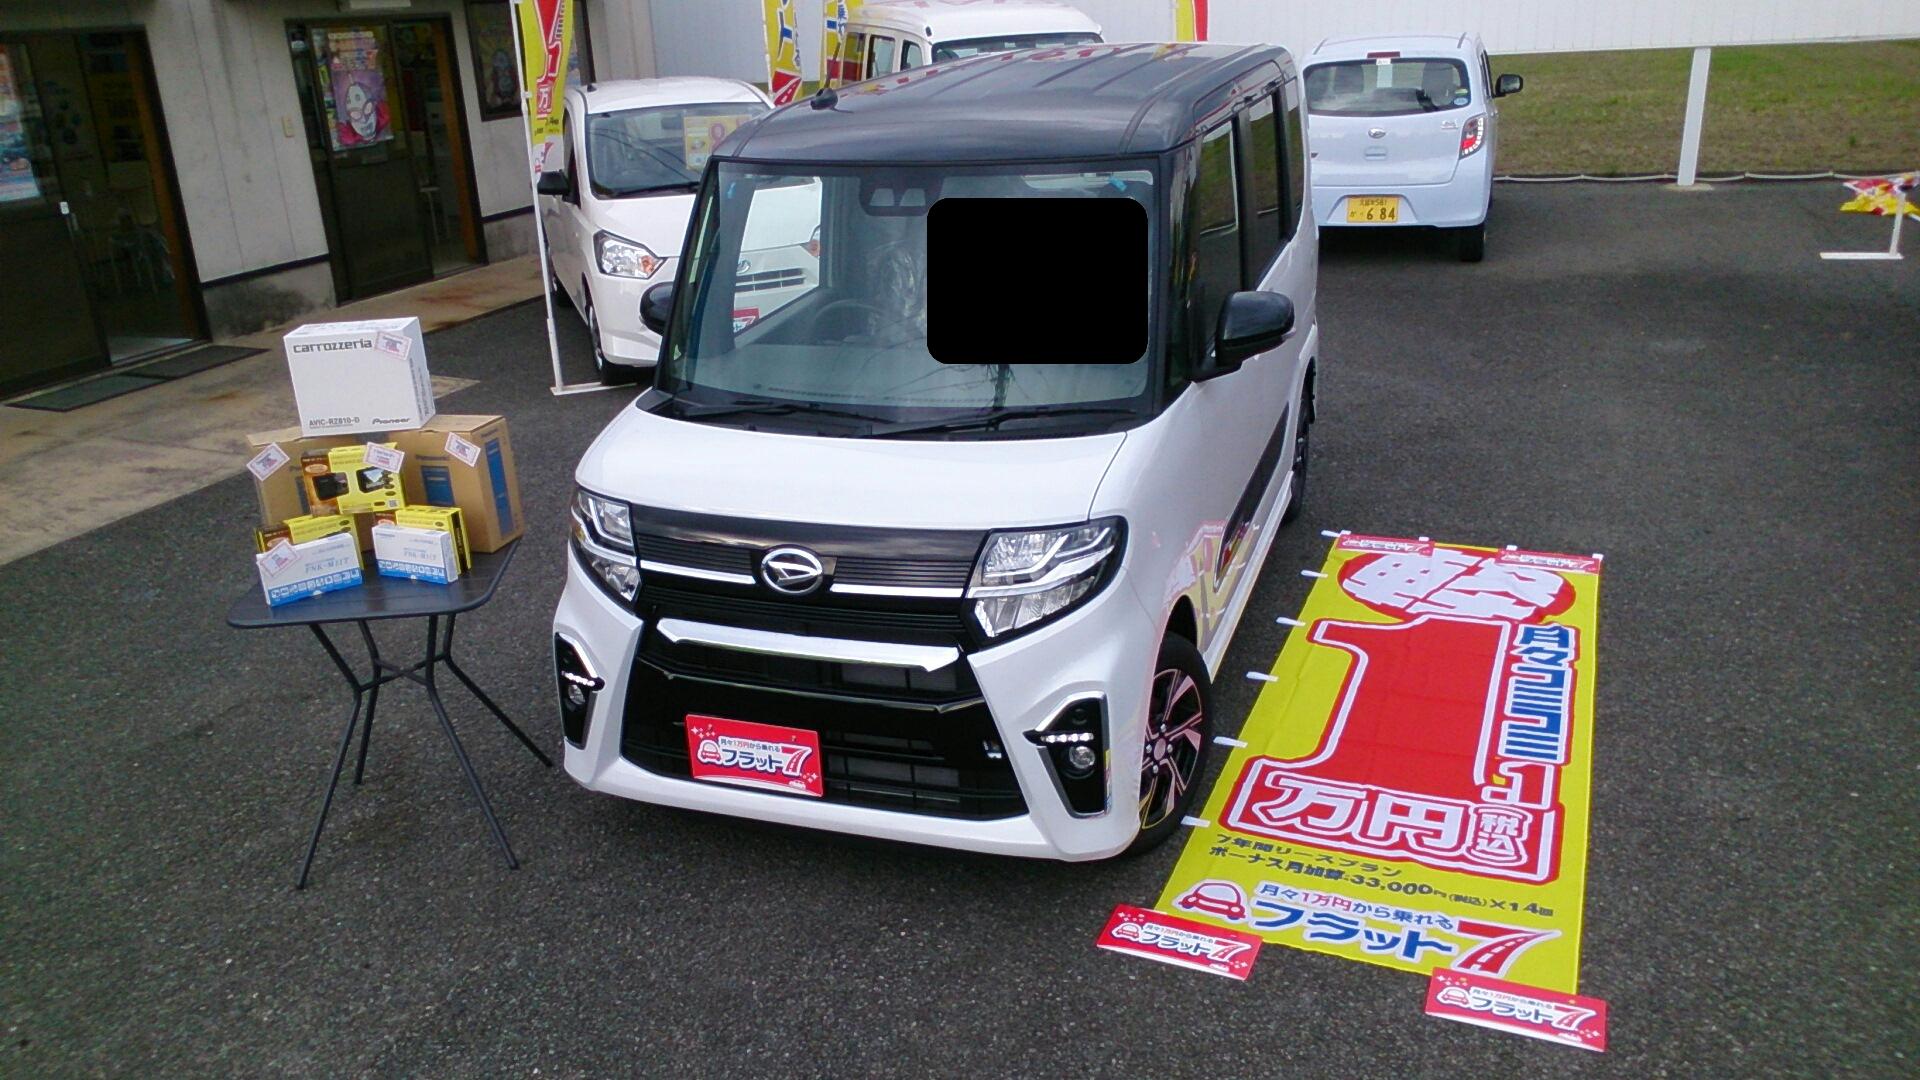 フラット7大牟田から特価車のお知らせ‼のイメージ画像|大牟田市カーリースならフラット7大牟田